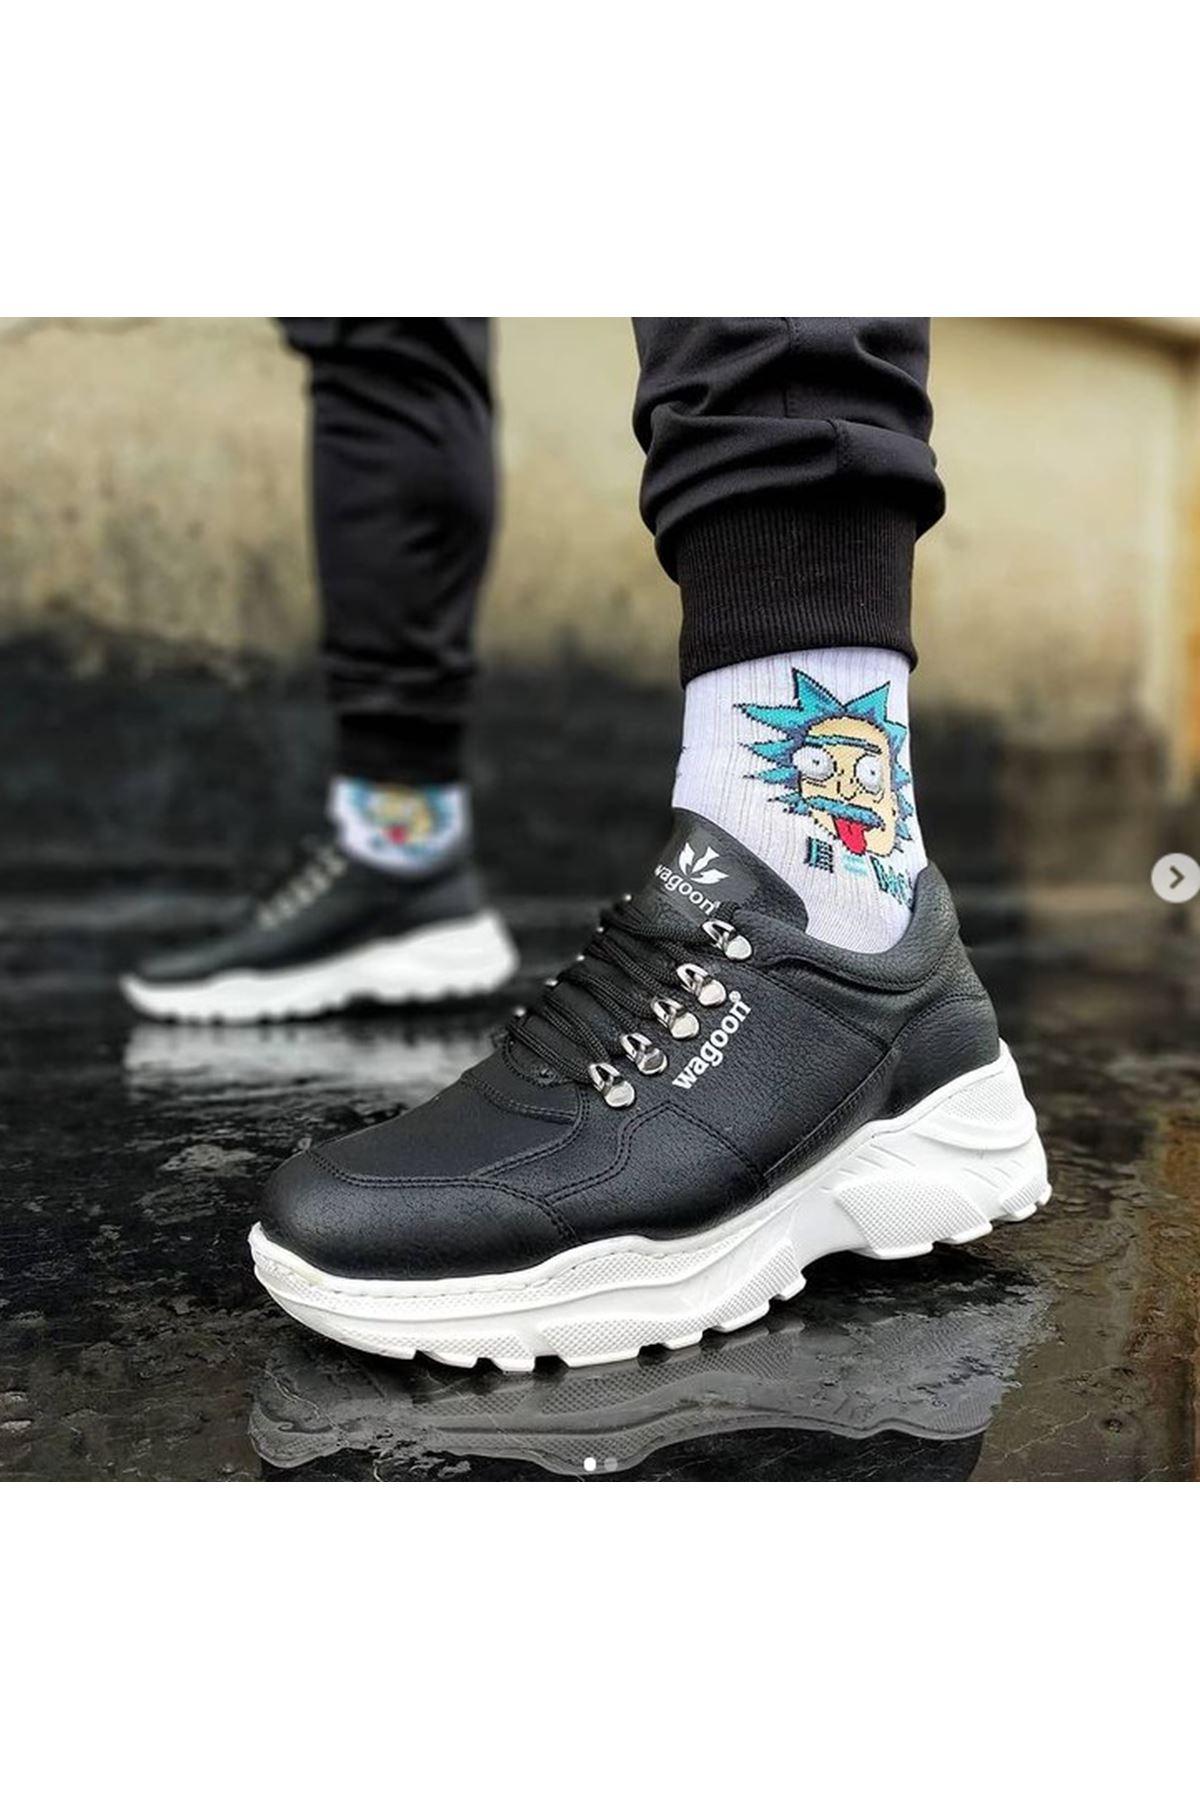 Wagoon WG019 Siyah Erkek Yüksek Taban Ayakkabı